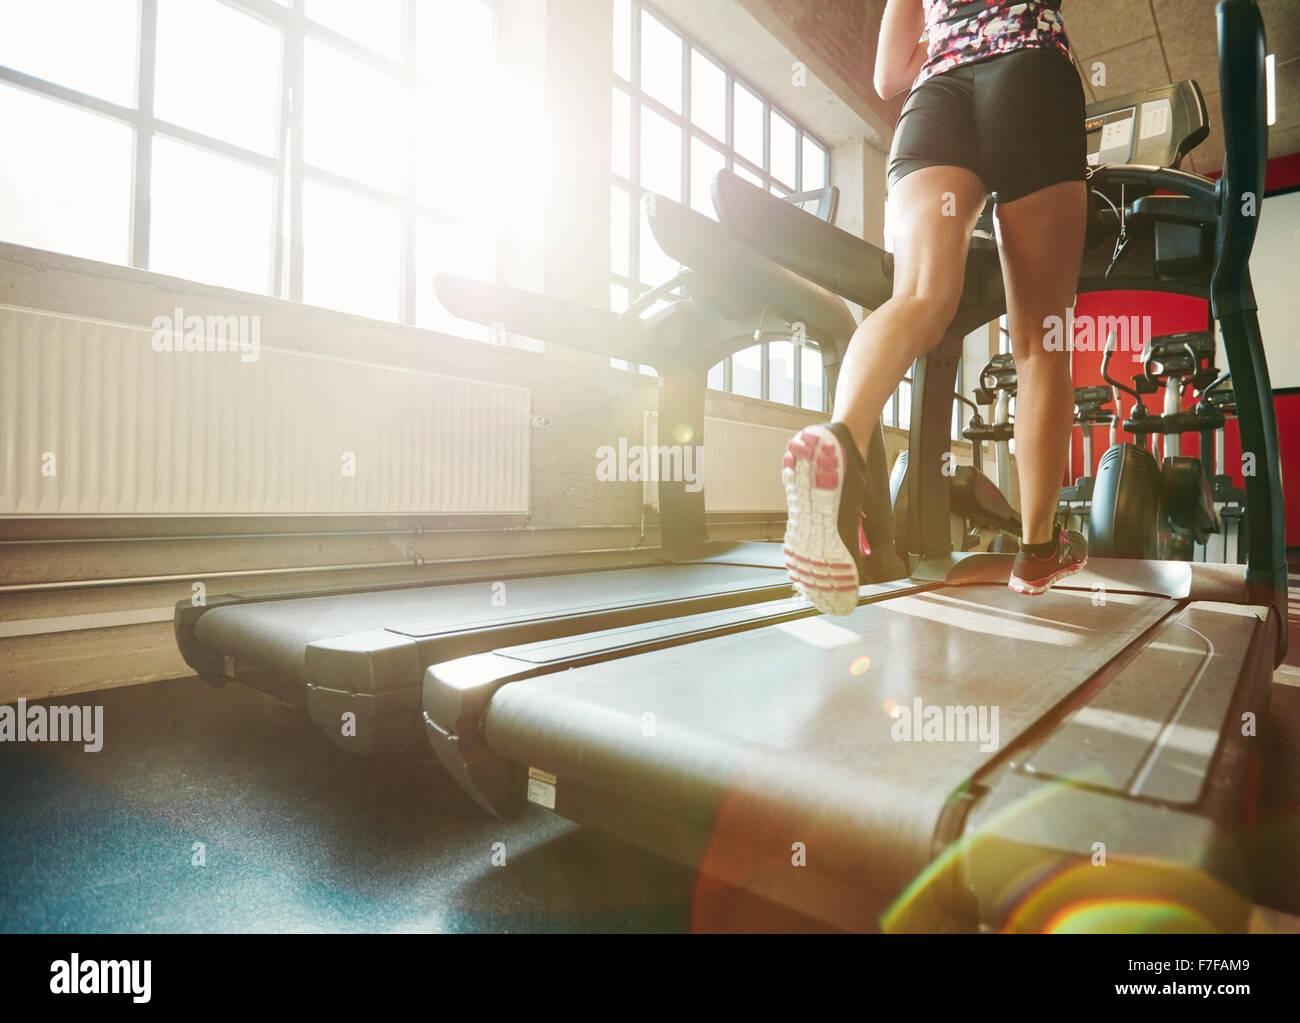 Rückansicht der Frau in Aktion auf Laufband. Konzentrieren Sie sich auf Frau Beine auf Laufband im Fitnessstudio Stockbild